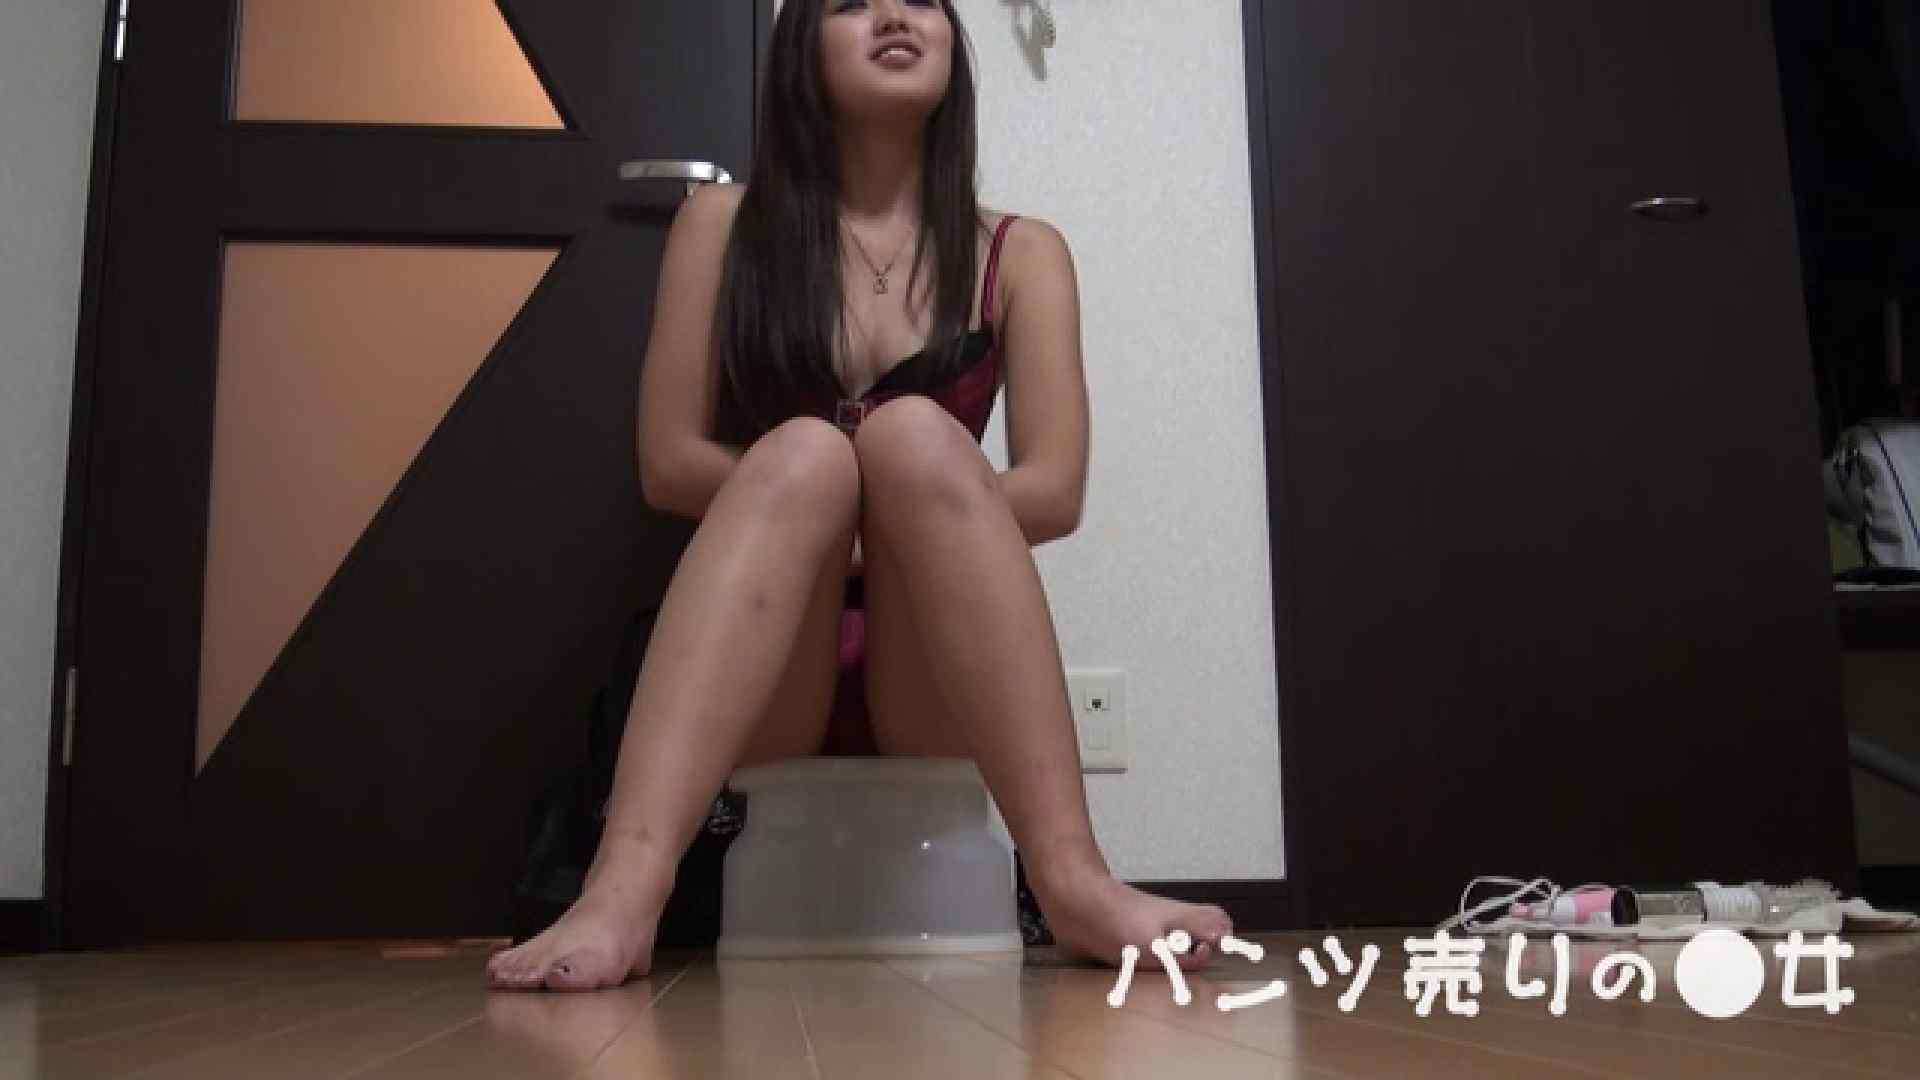 新説 パンツ売りの女の子ayu 盗撮 | おまんこモロ出し  110pic 59